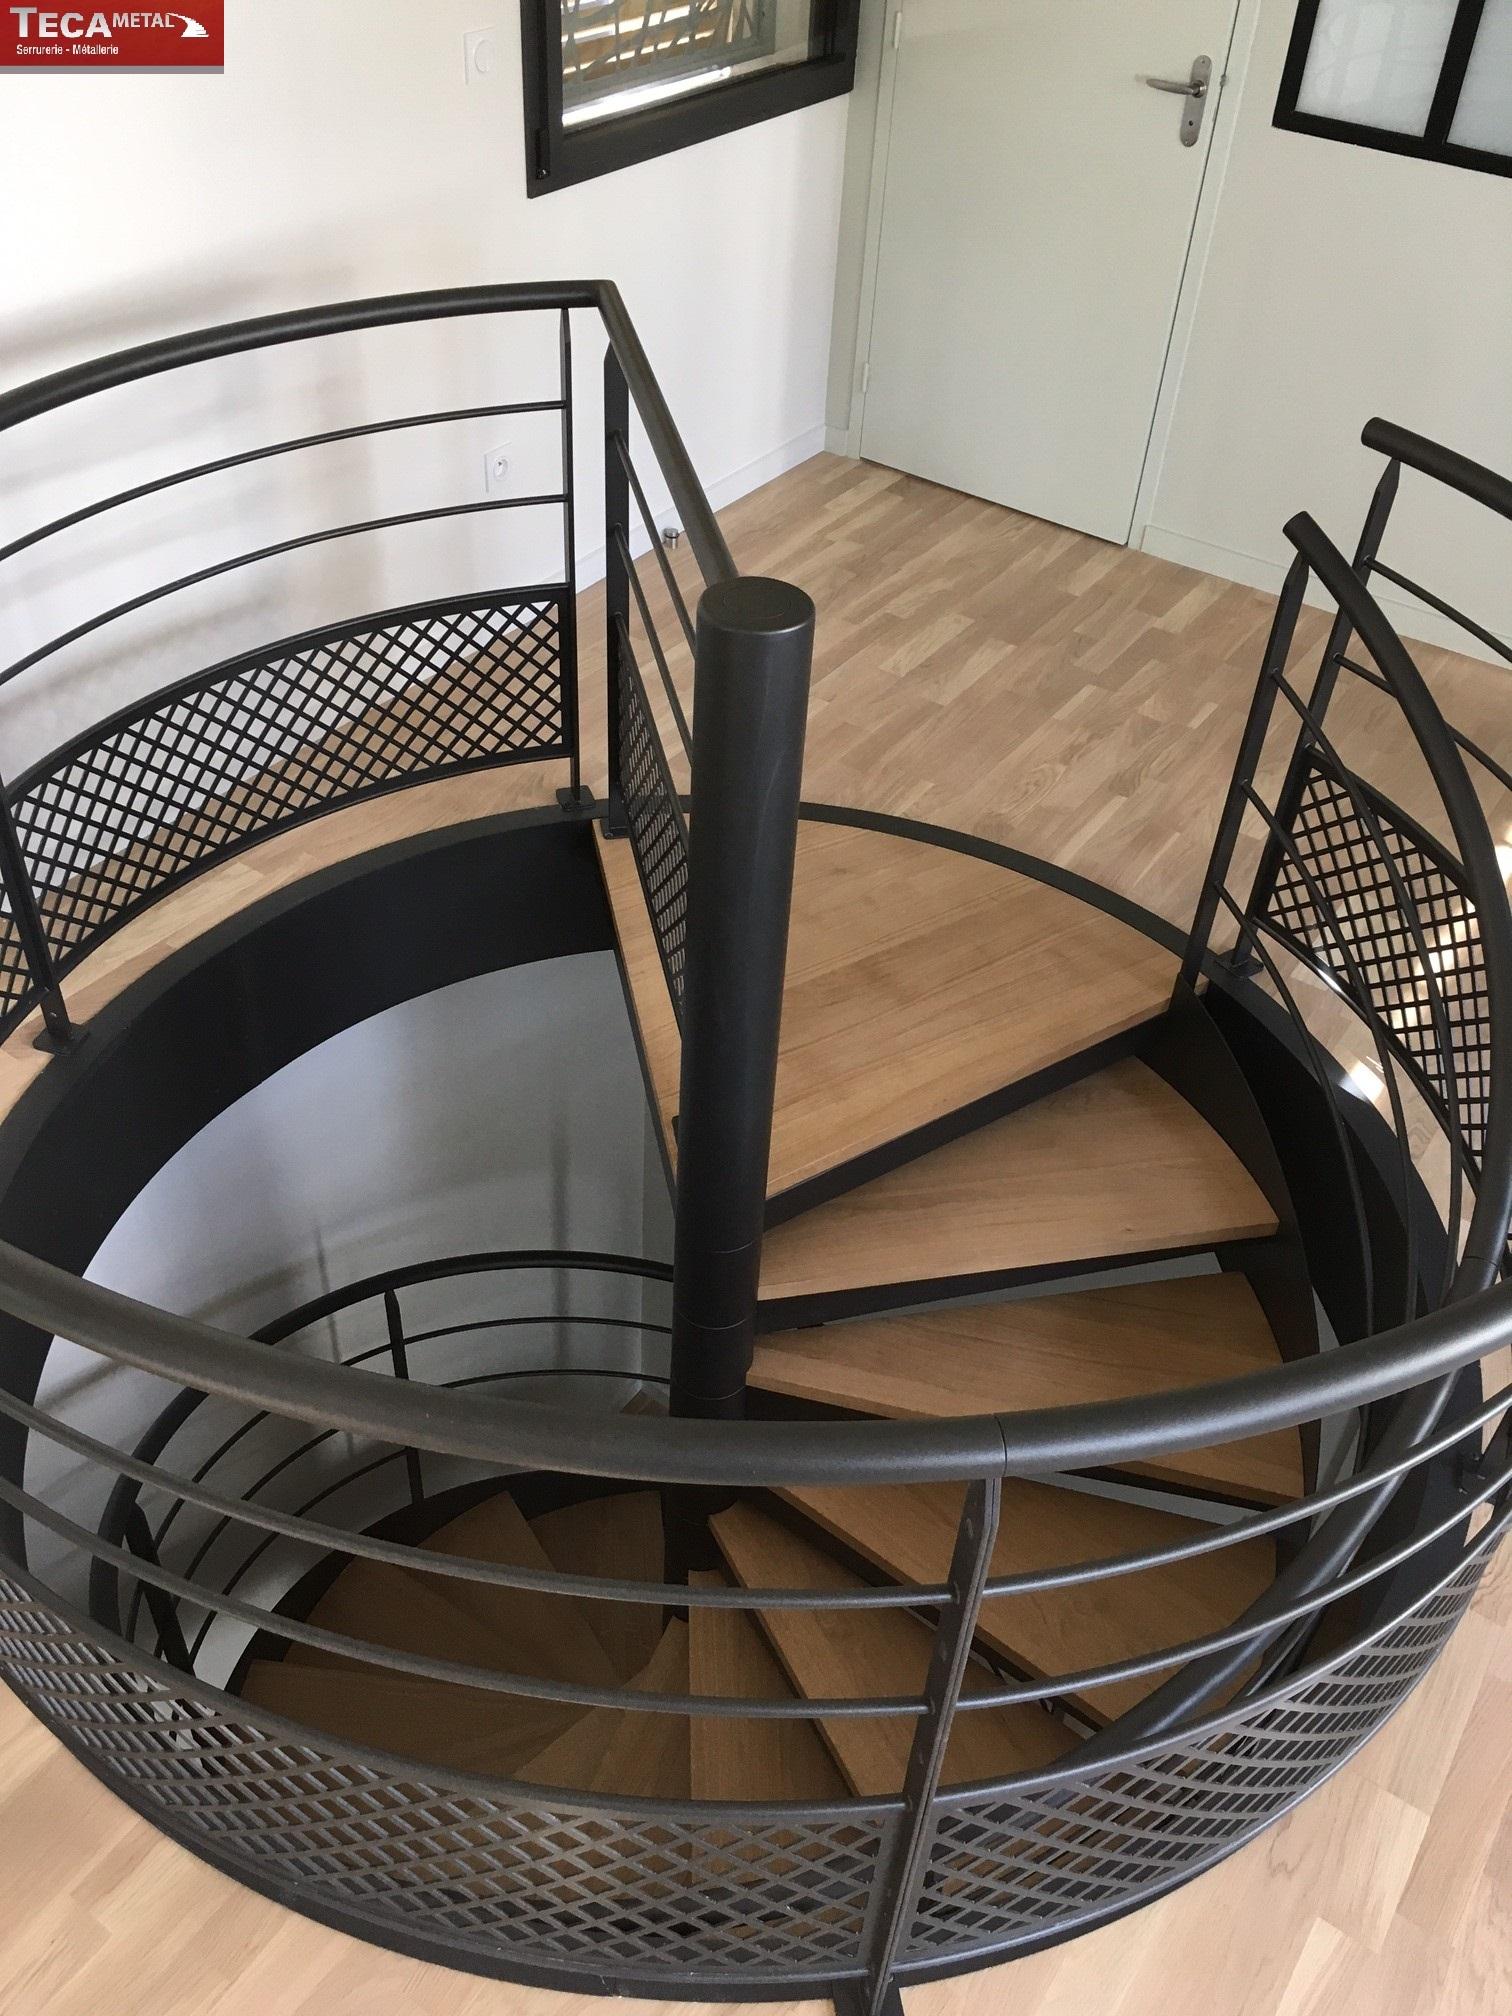 """Escalier Hélicoïdal modèle """"le Sublime"""" - TECAMETAL"""